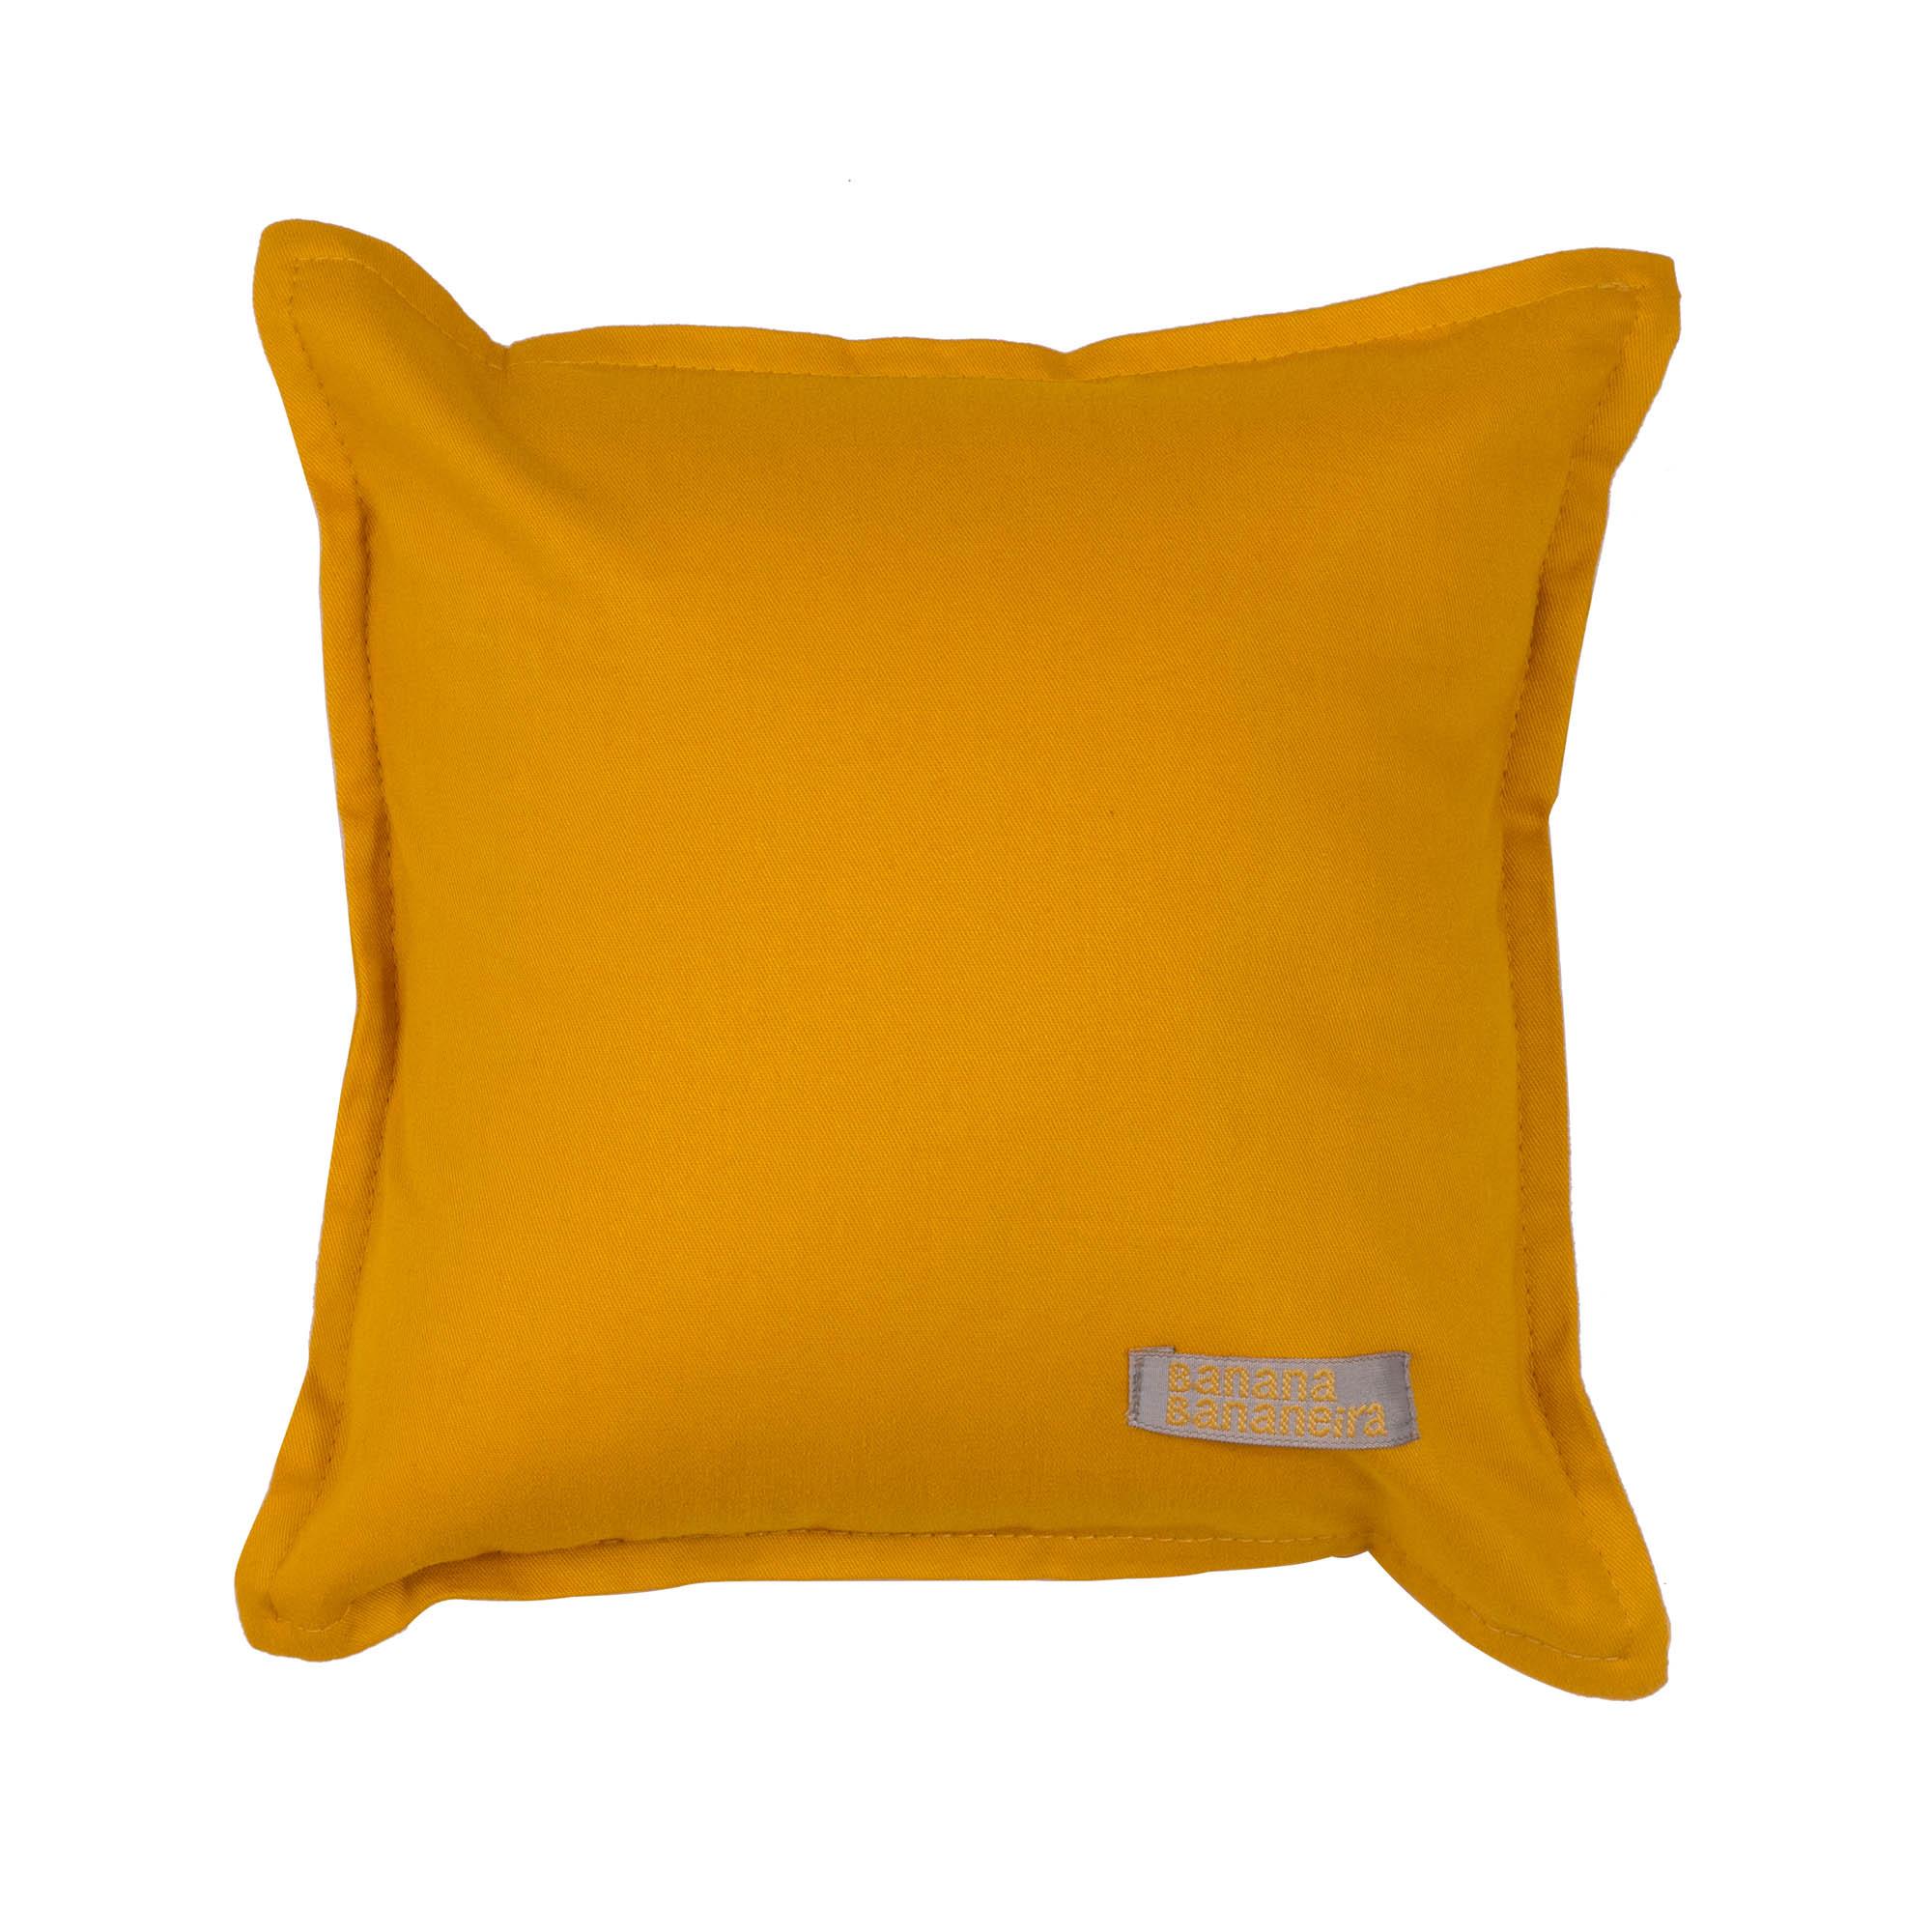 Almofada em pesponto 25 cm x 25 cm mostarda